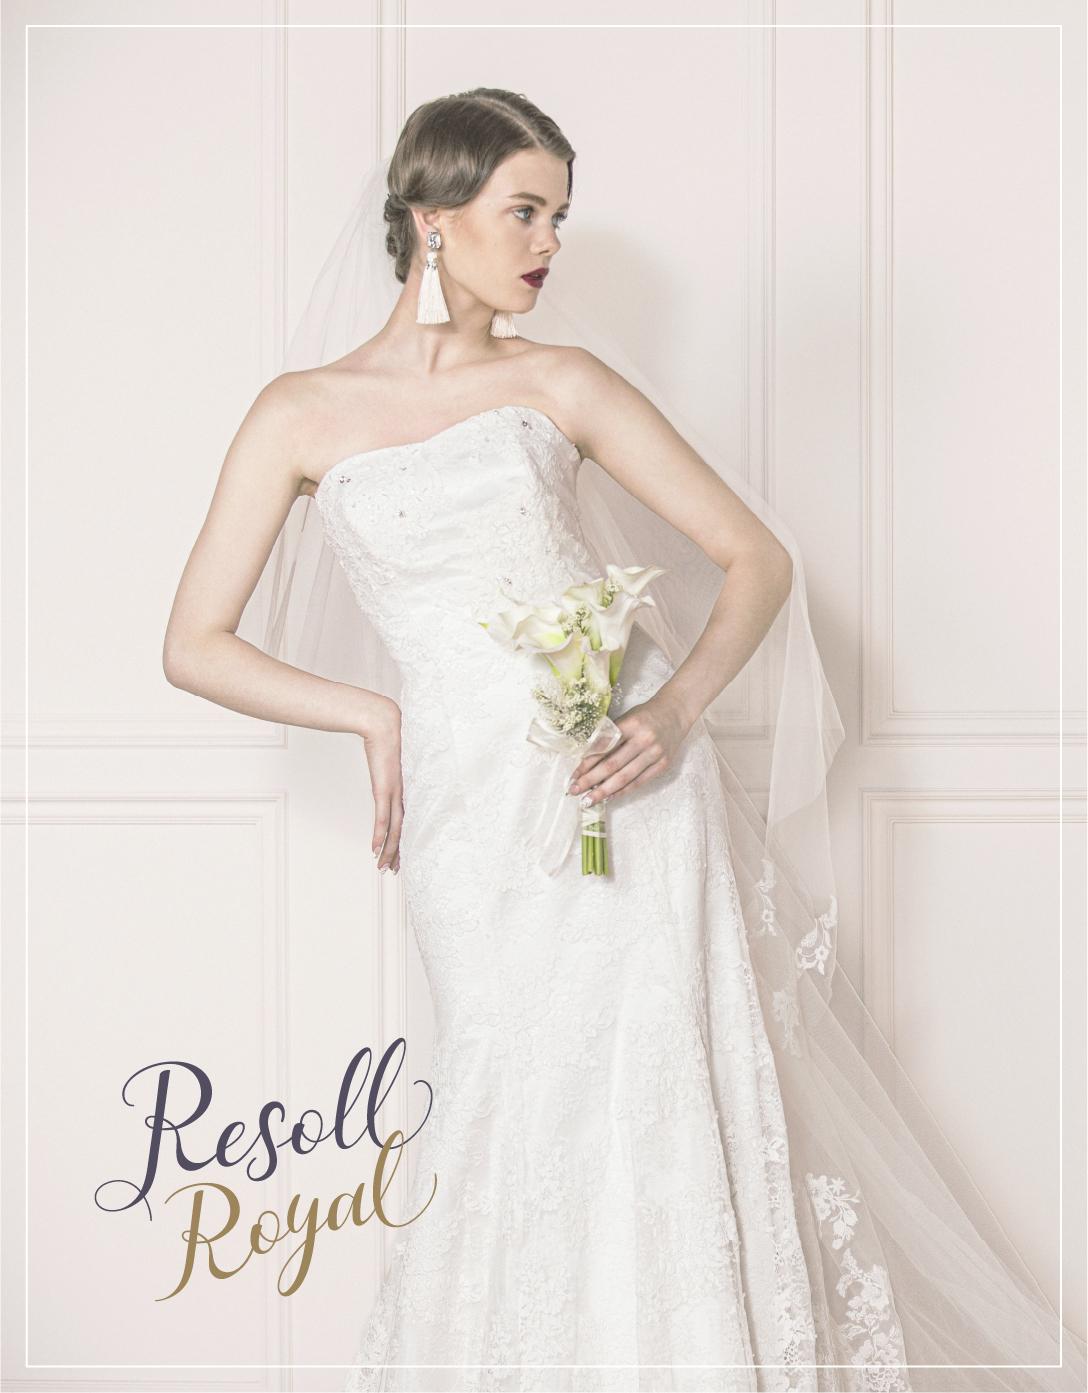 写真:resoll roayl ドレス